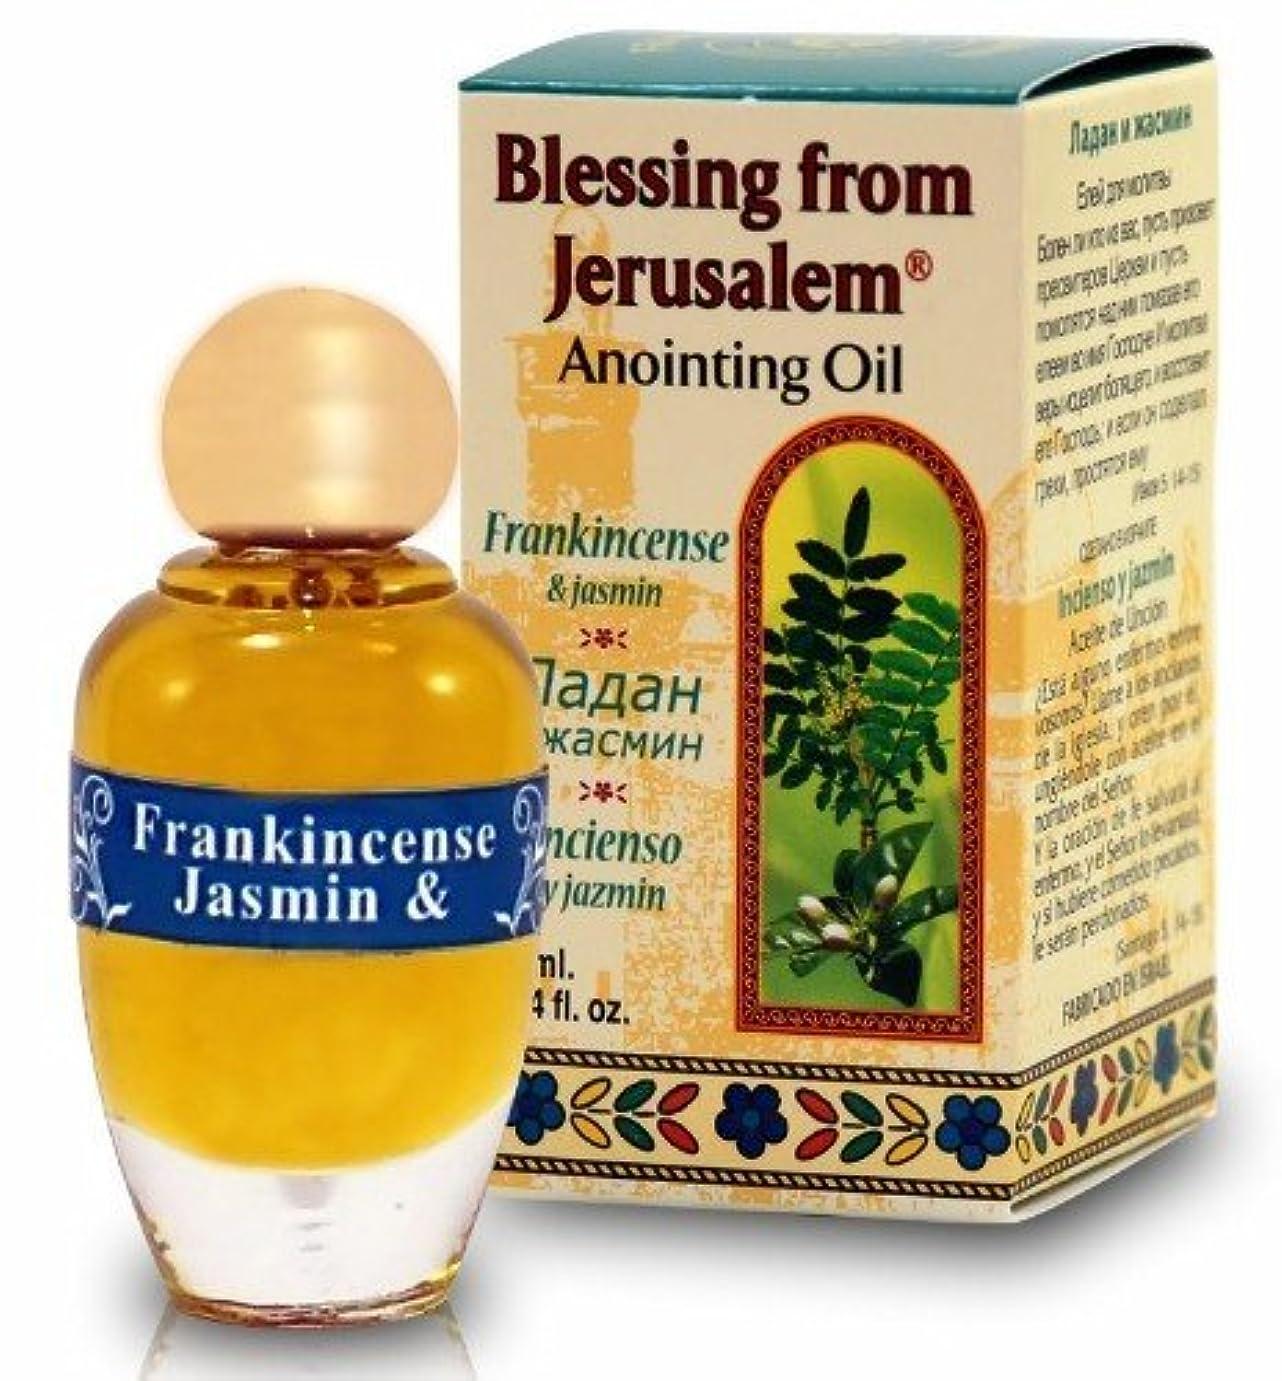 一店主忠実Top Seller Frankincense &ジャスミンAnointing Oil byベツレヘムギフトTM